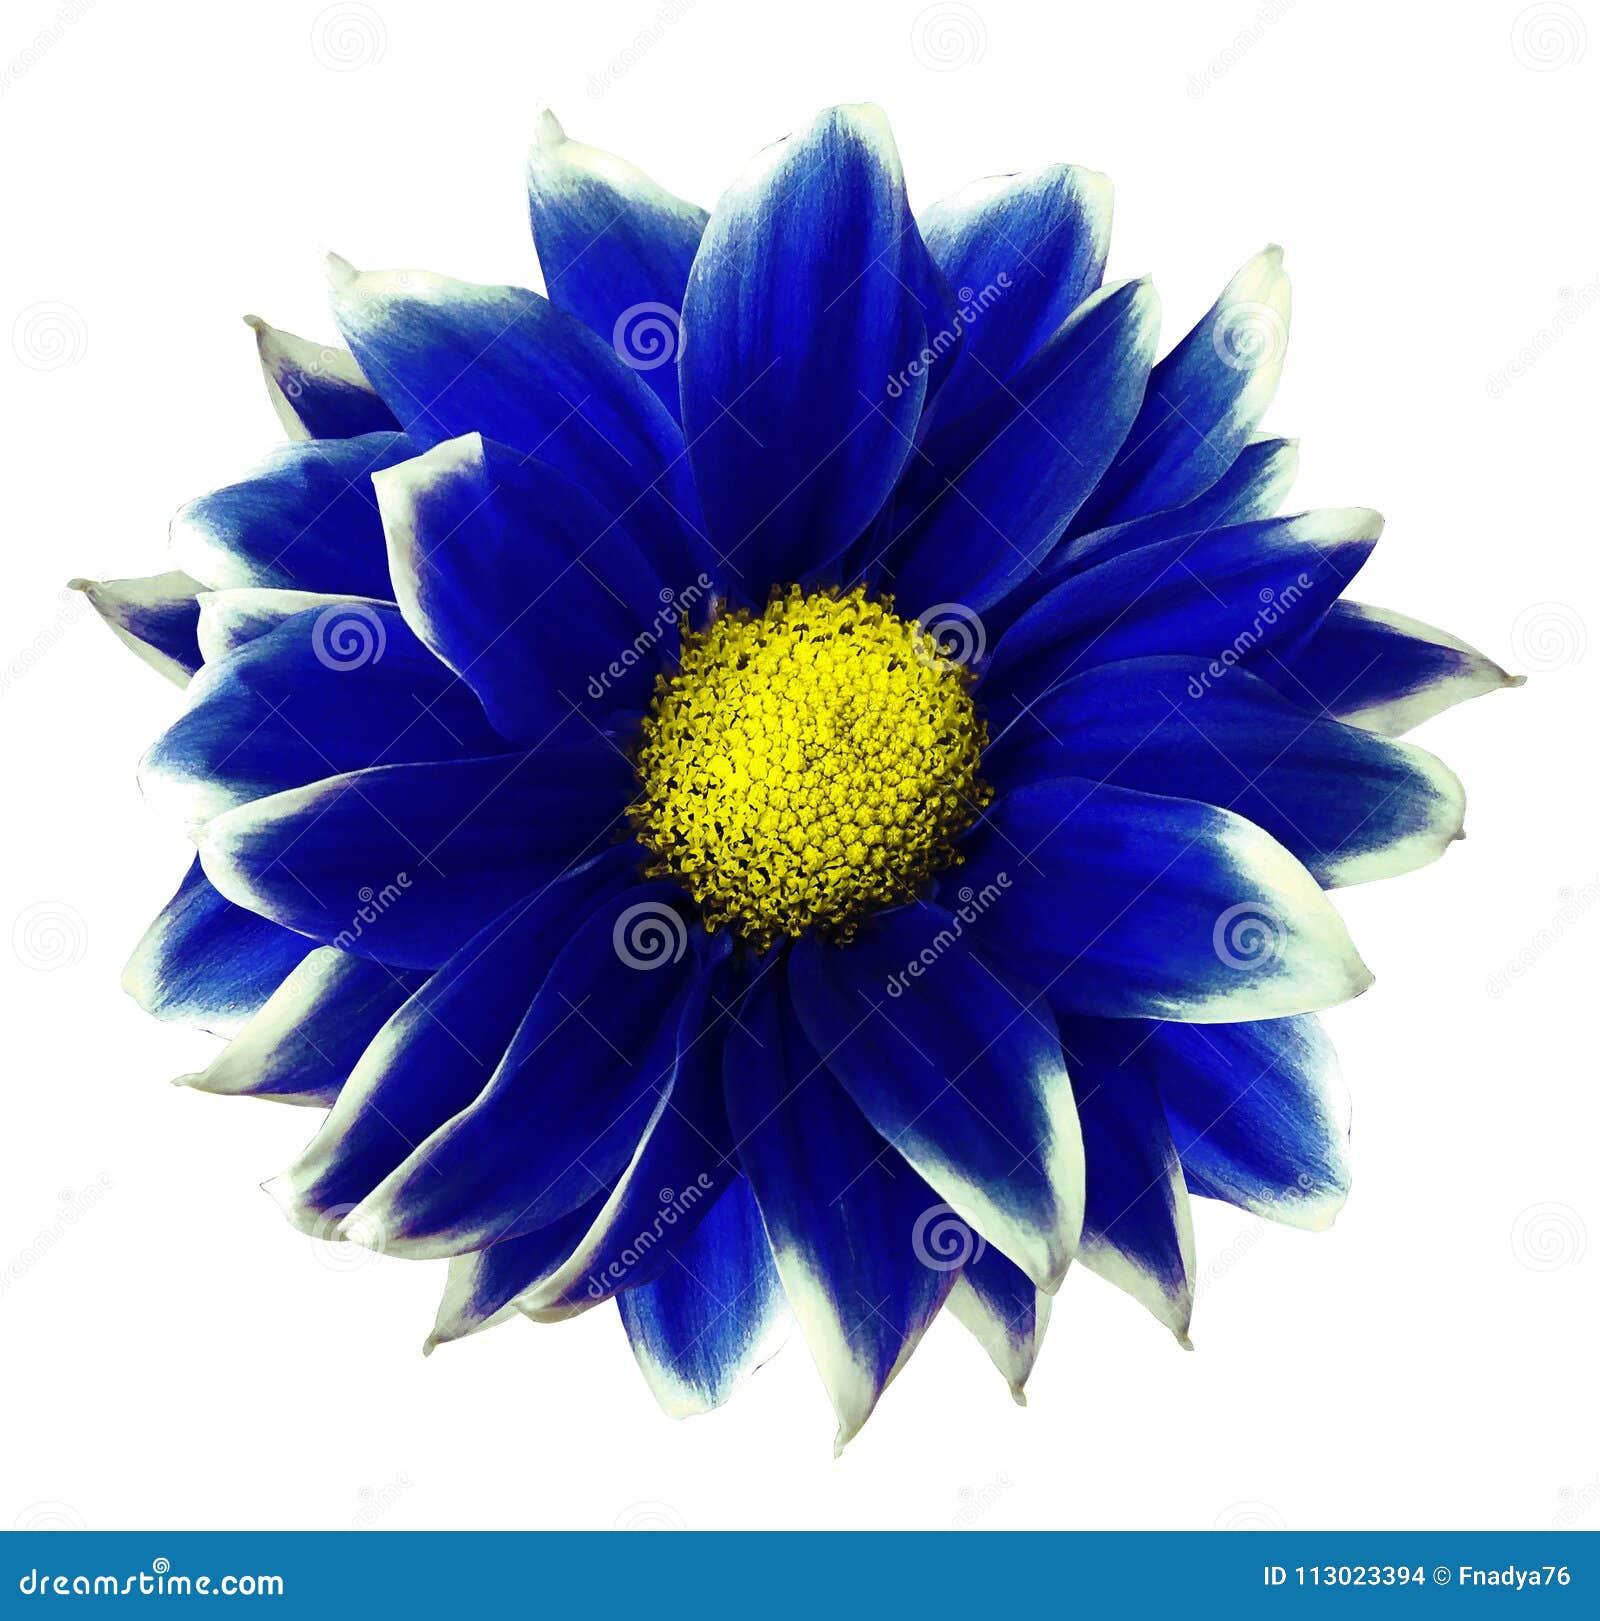 Azul do crisântemo Floresça no fundo branco isolado com o trajeto de grampeamento sem sombras Close-up Para o projeto